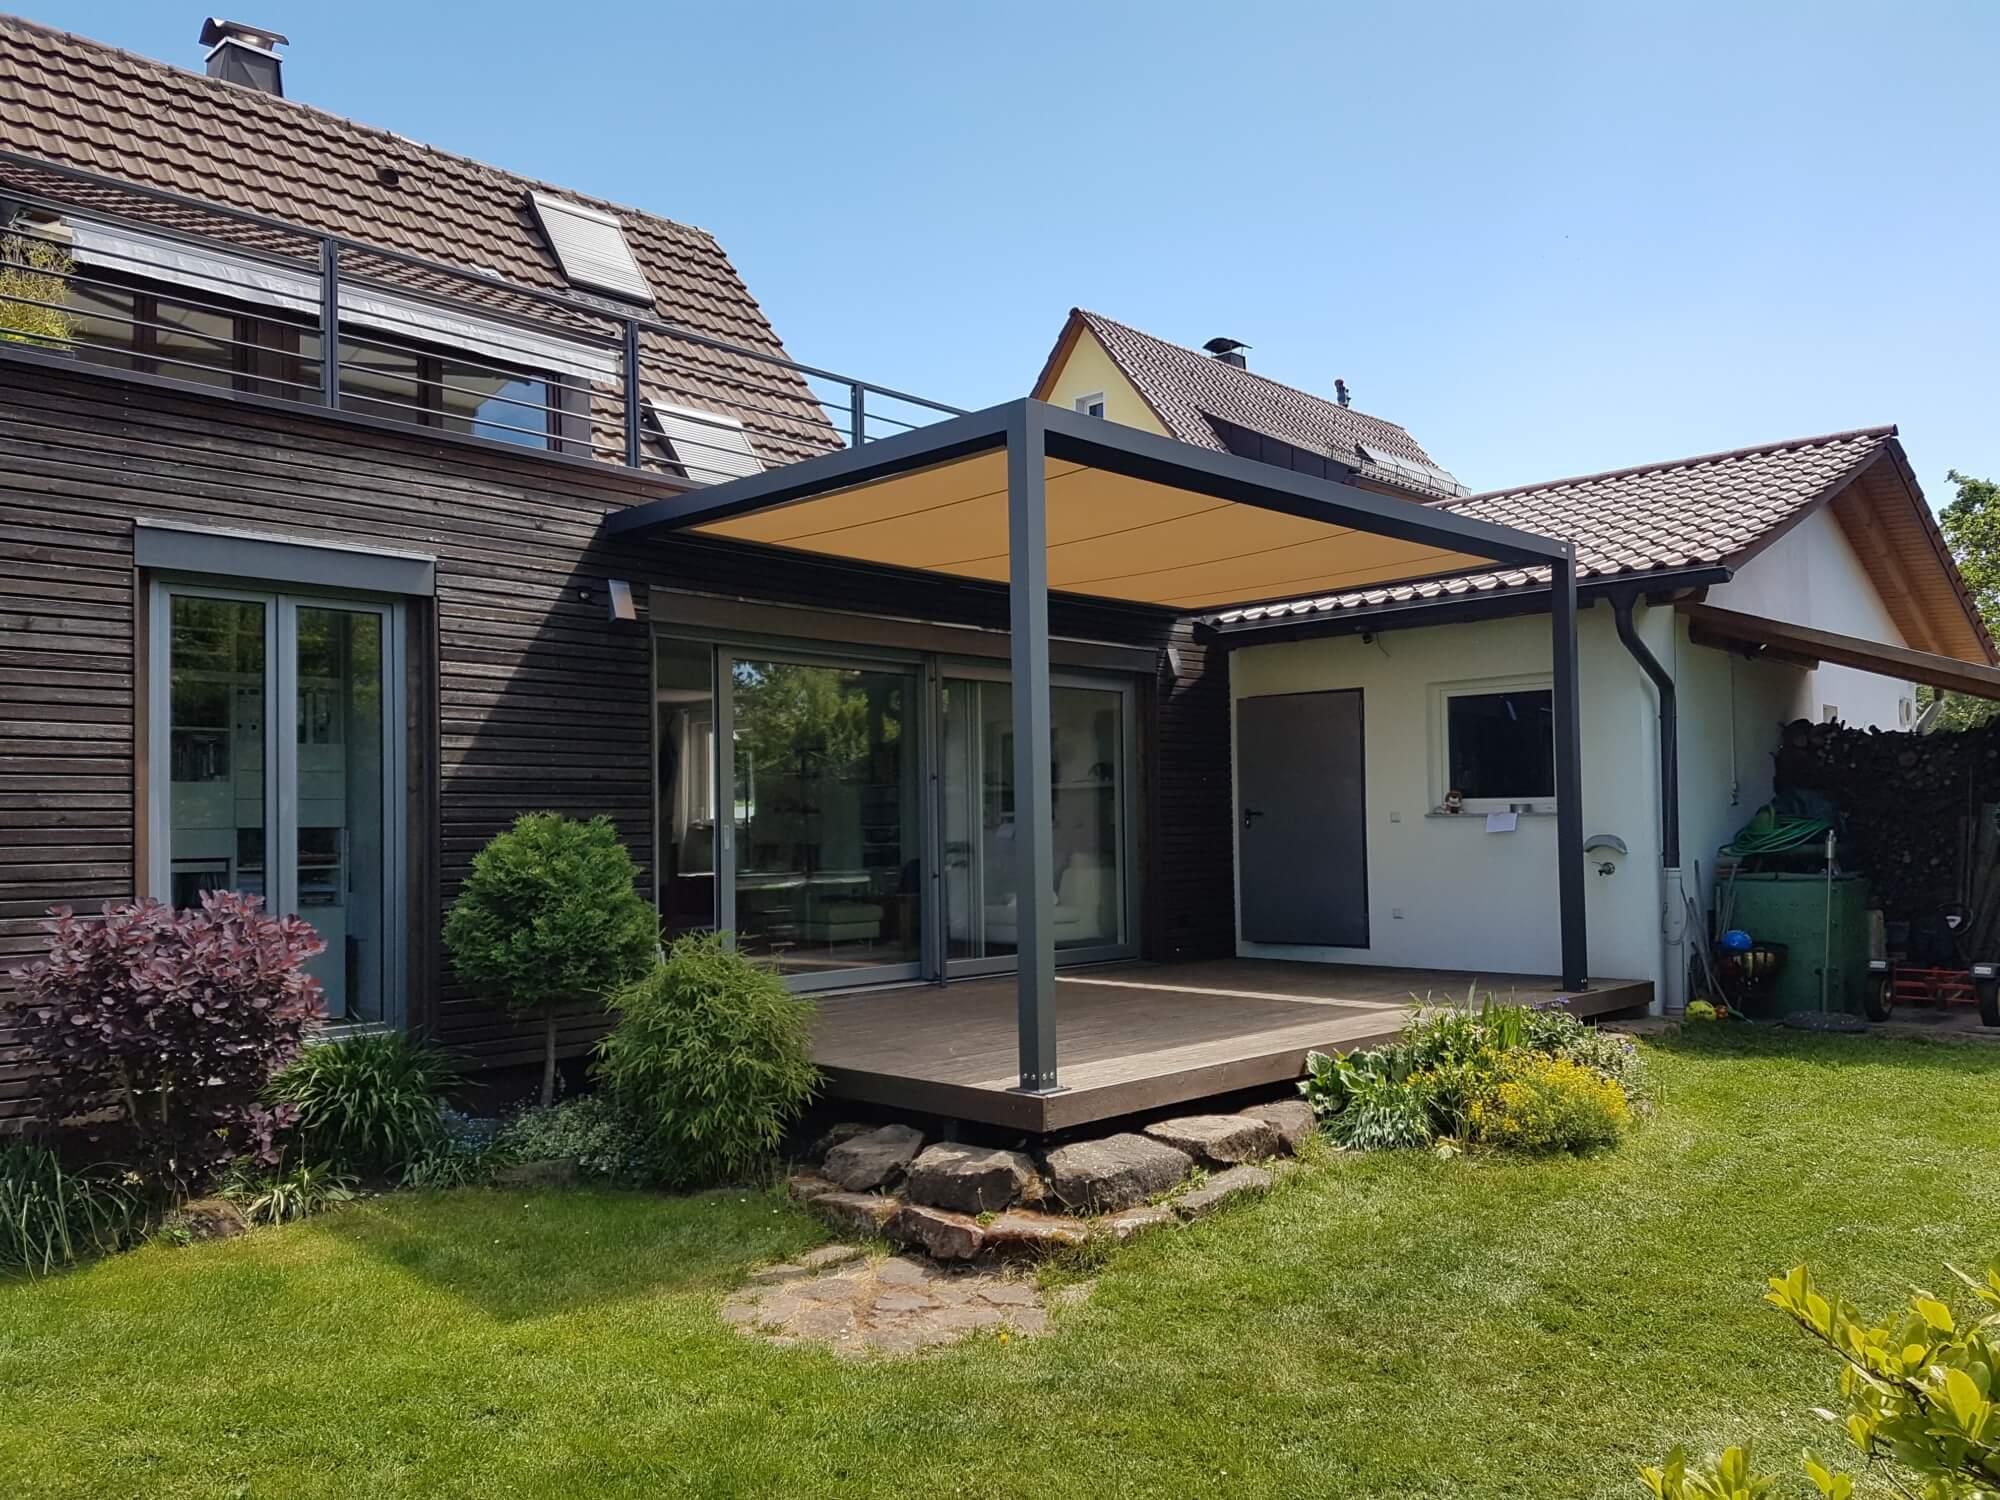 garten_ueberdachung_schatten_dach